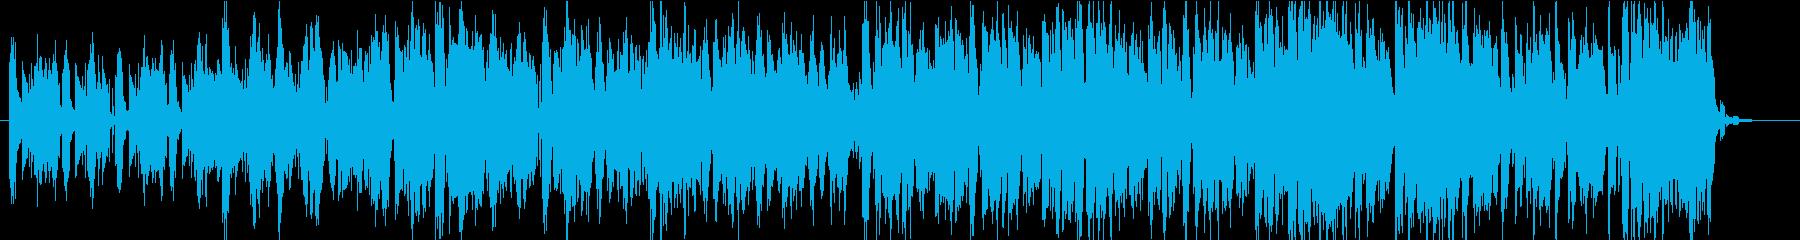 エイトビート・琴・オーケストラサウンドの再生済みの波形